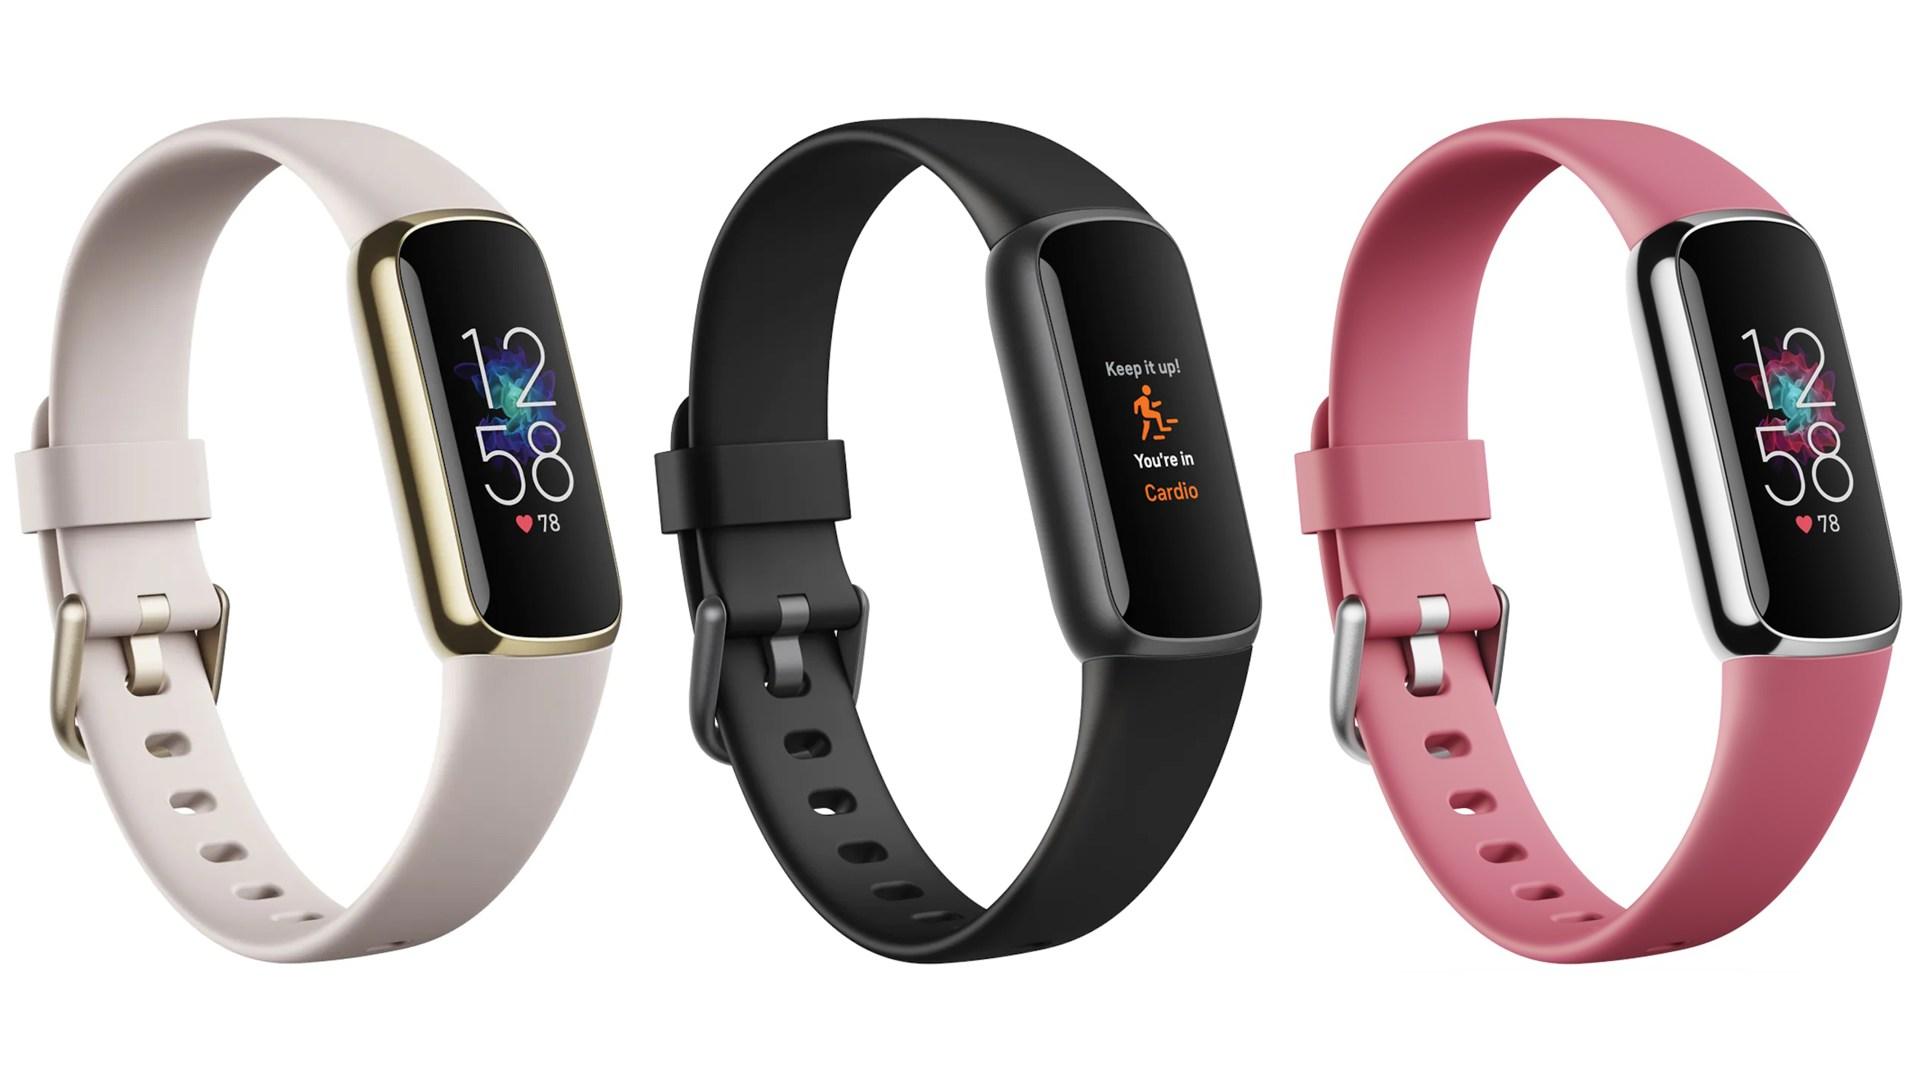 Fitbit Luxe Neuer Fitness Tracker Mit Edelstahl Gehause Vorab Zu Sehen Winfuture De